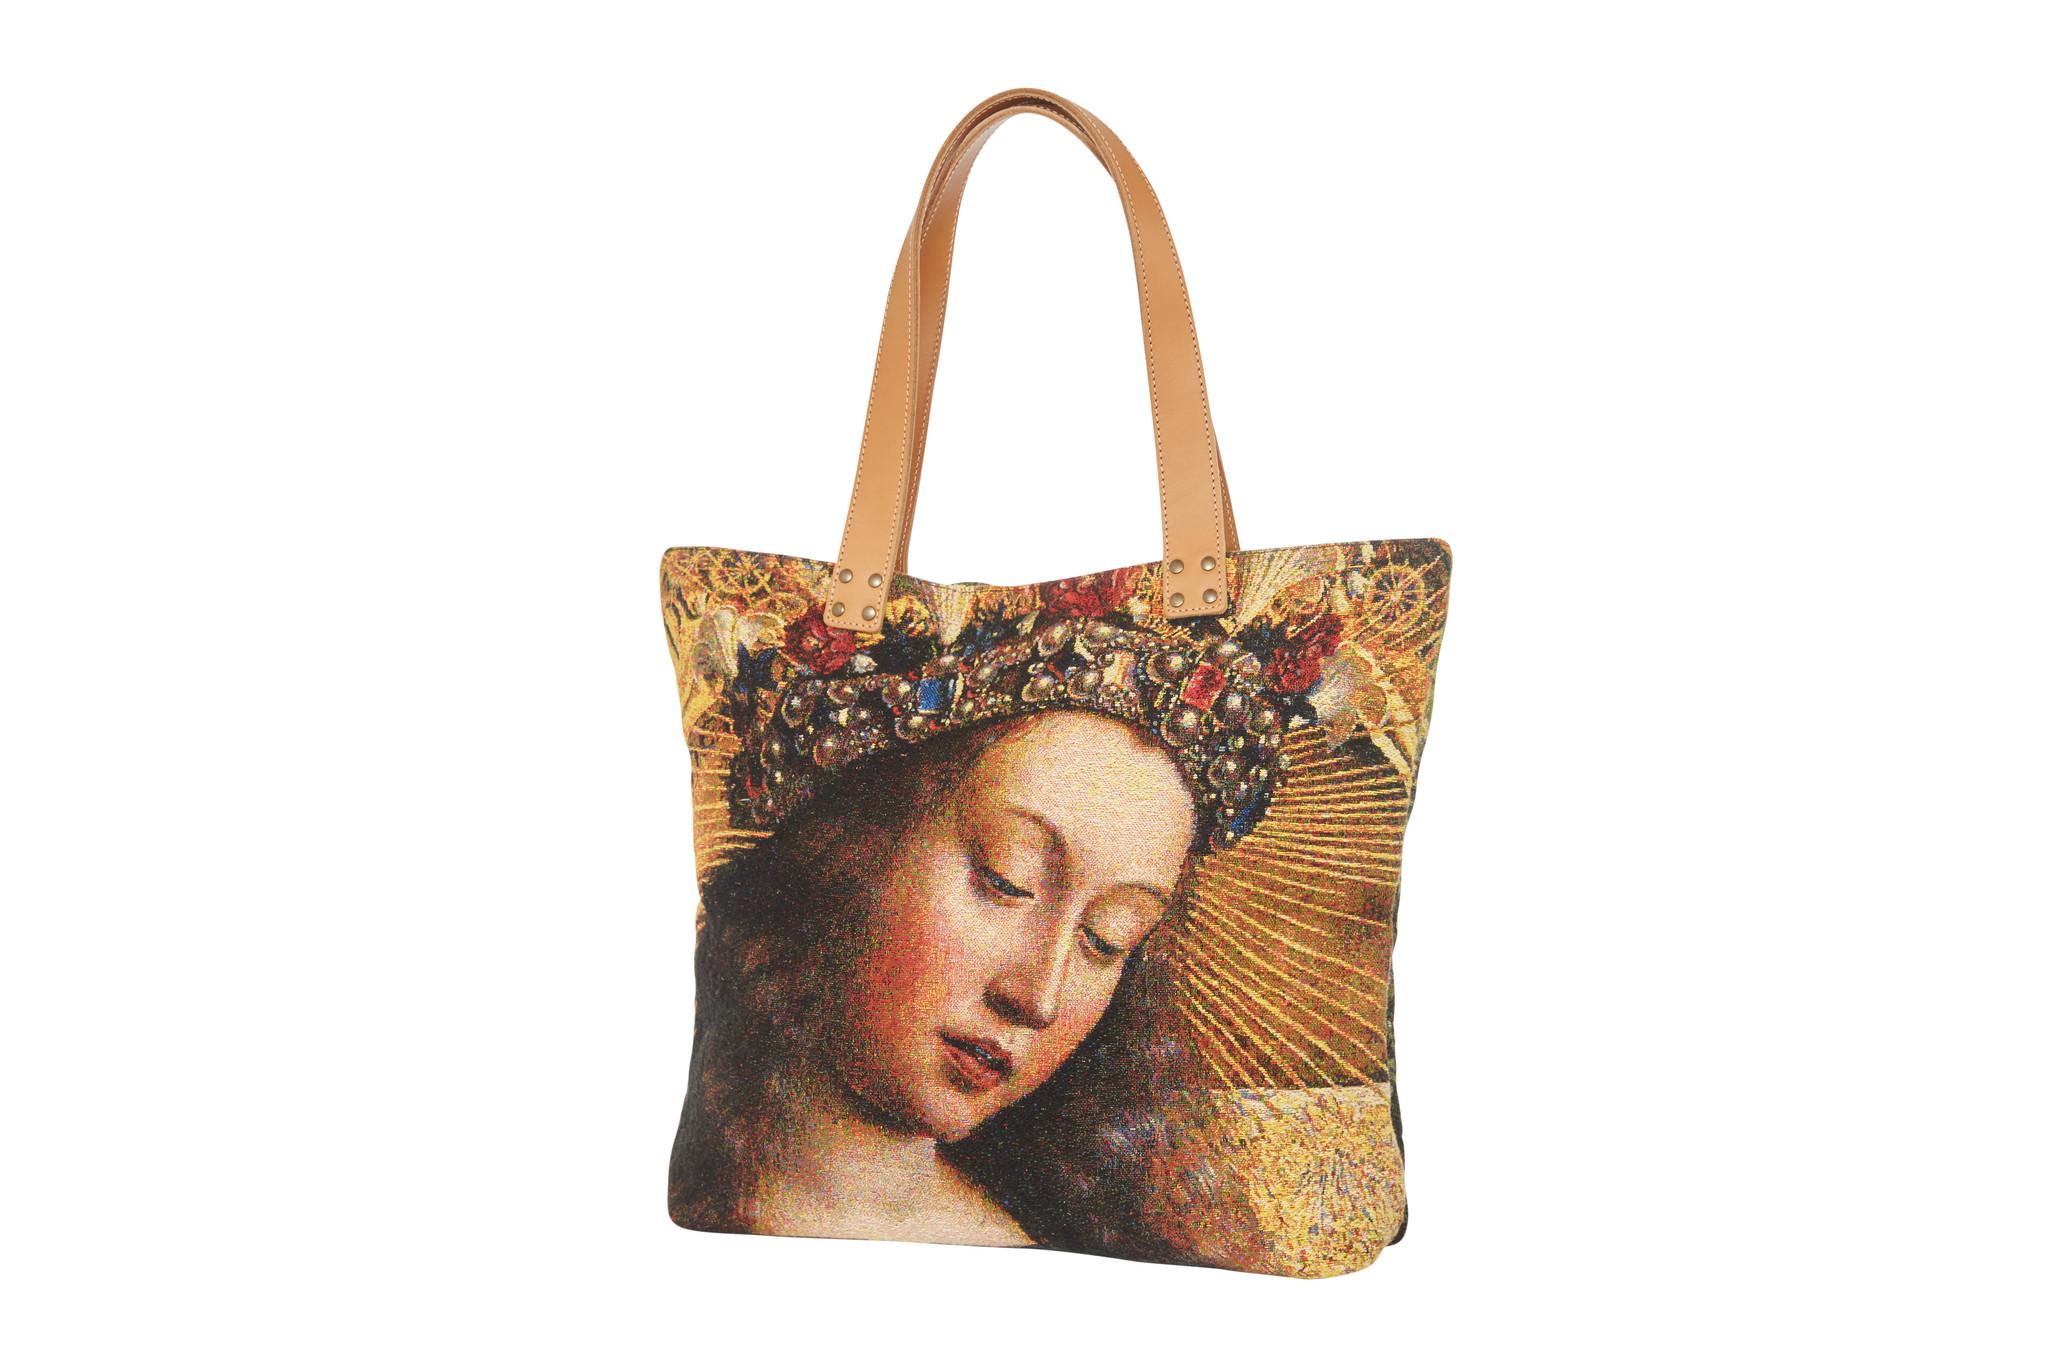 Meisterwerke Draagtas Maria - Meisterwerke